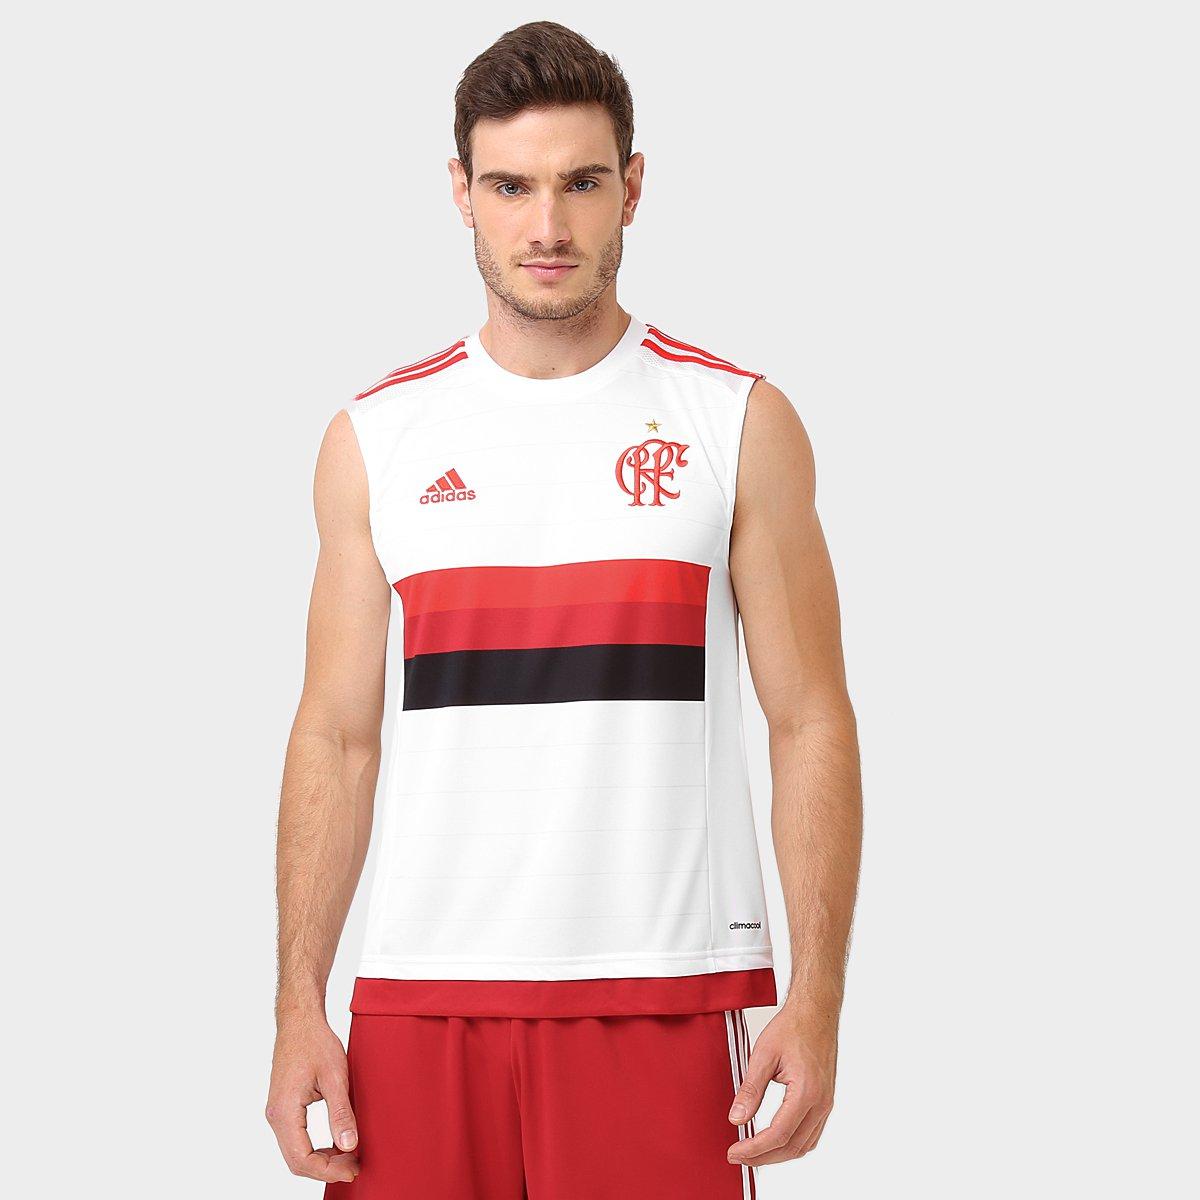 Camiseta Regata Adidas Flamengo - Compre Agora  388c941e3affb